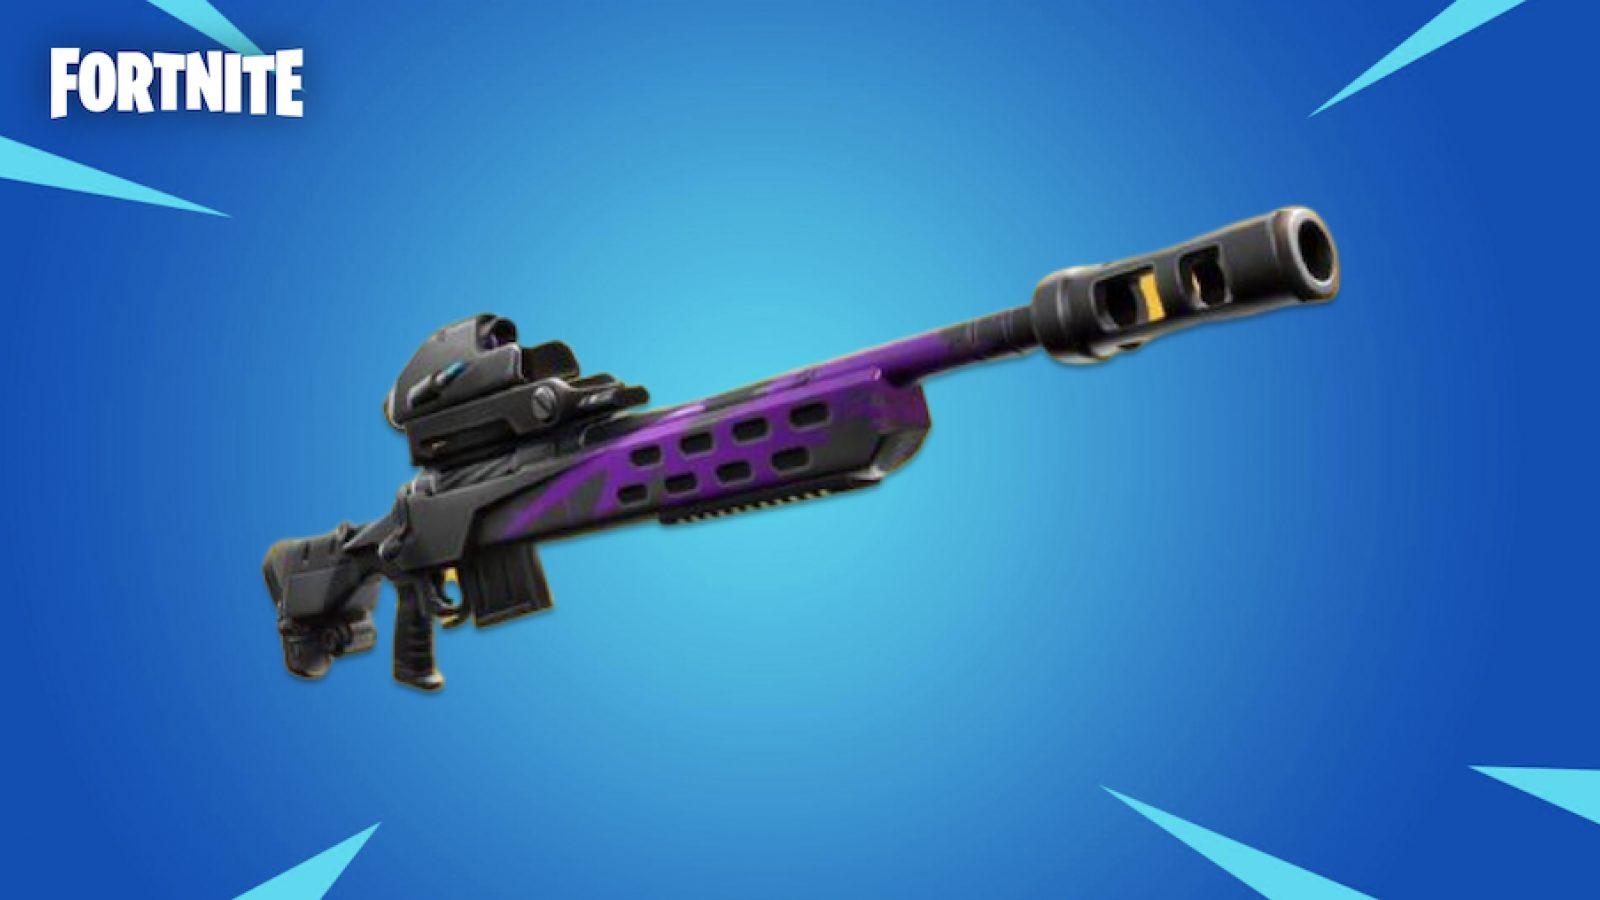 Fortnite Снайперская винтовка Storm Scout прибудет очень скоро